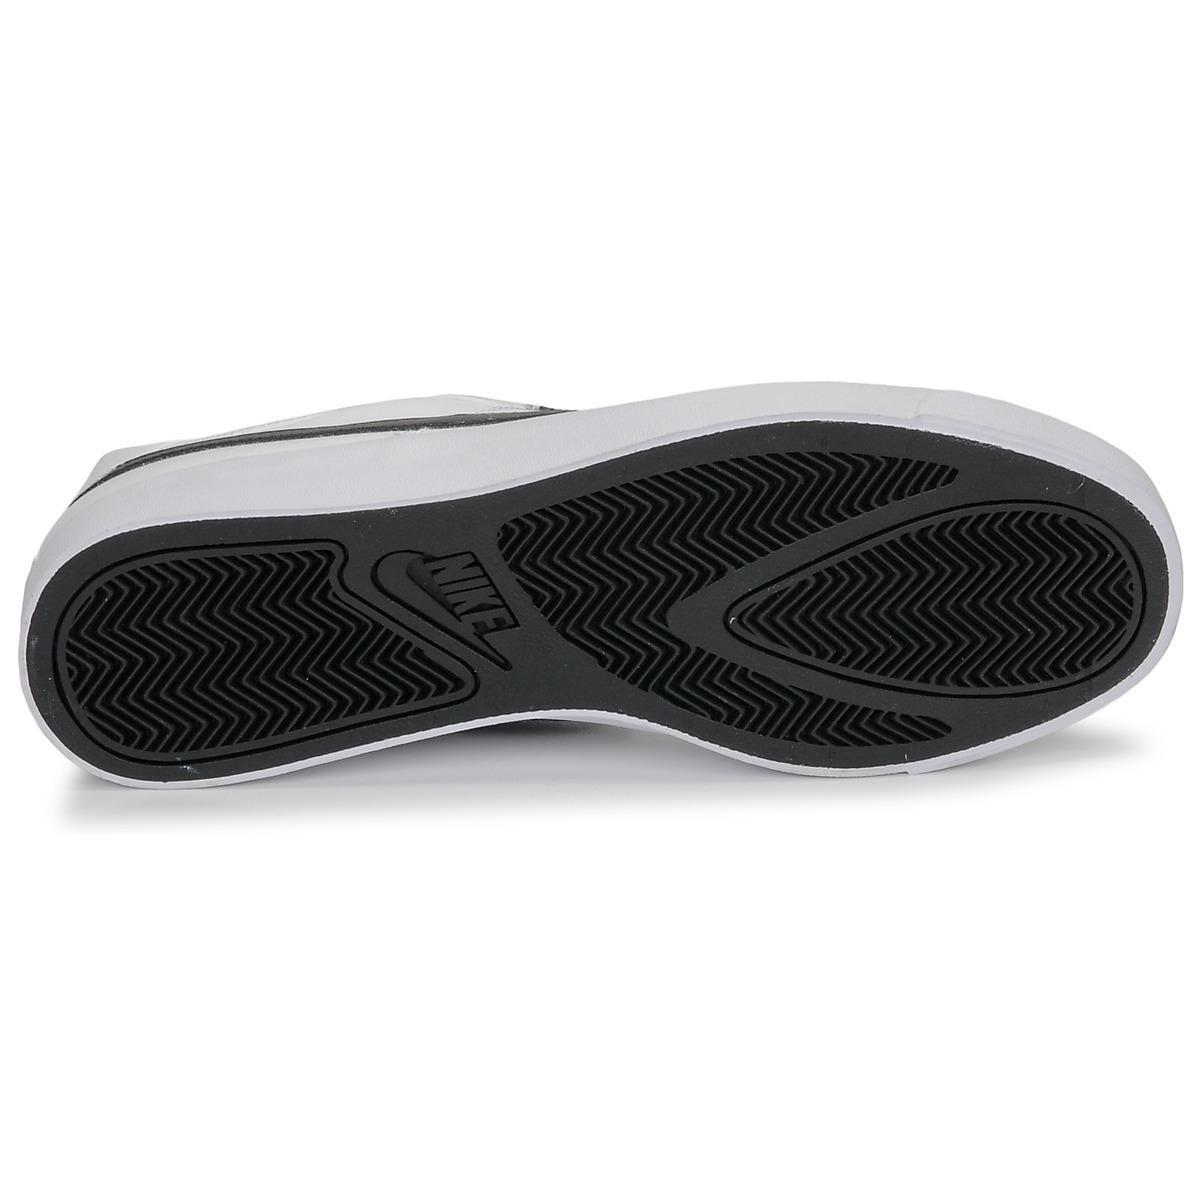 Nike Lage Sneakers Court Royale Ac in het Wit voor heren